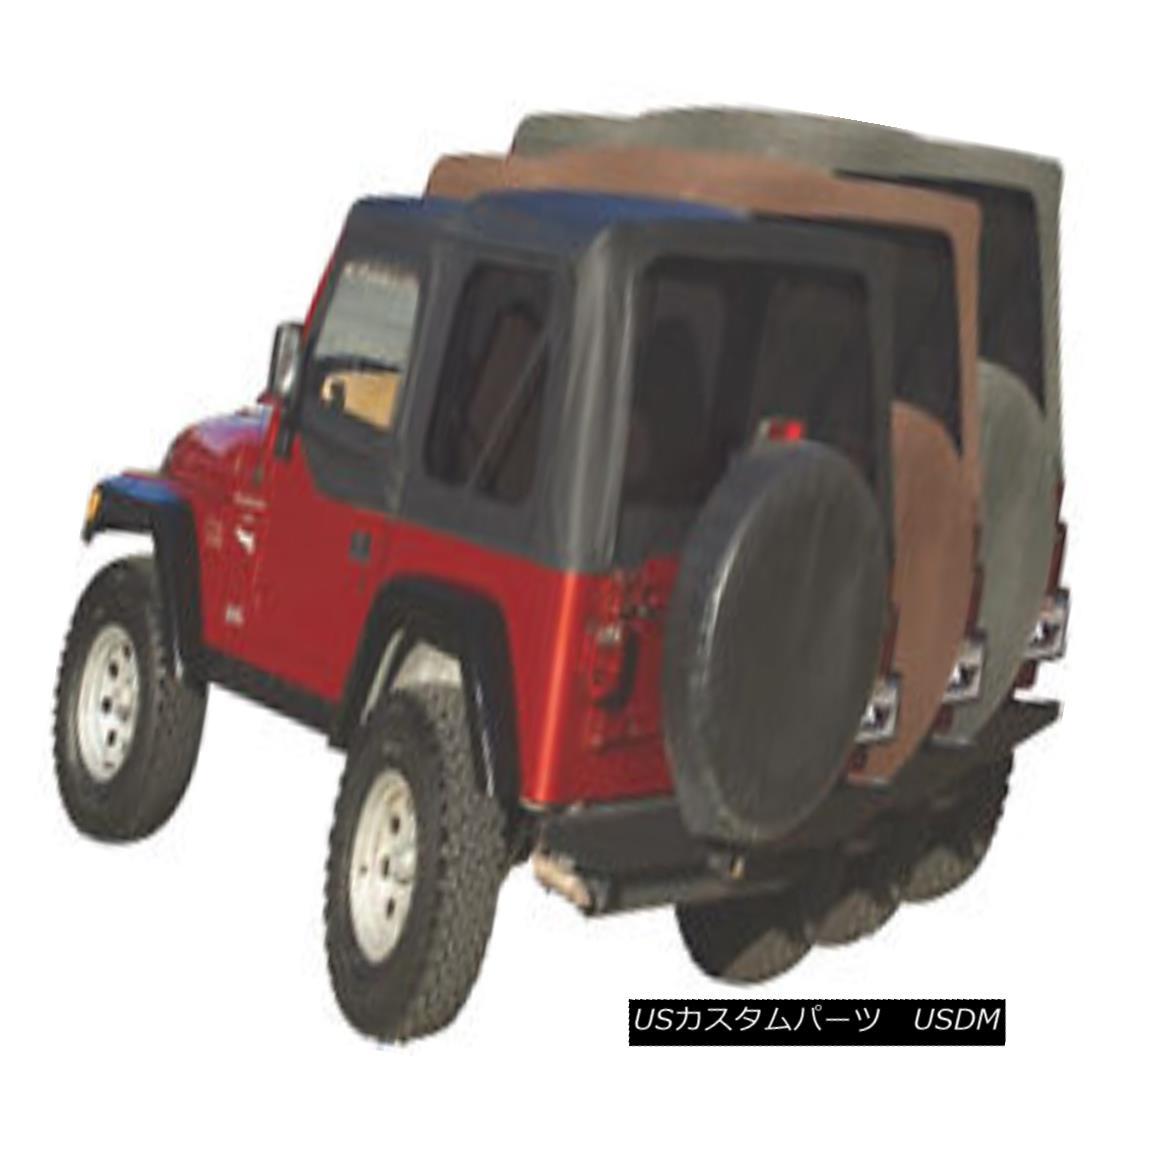 幌・ソフトトップ Rampage Factory Replacement Soft Top 97-06 Jeep Wrangler TJ 99735 Black Diamond Rampage Factory Replacementソフトトップ97-06ジープラングラーTJ 99735 Black Diamond